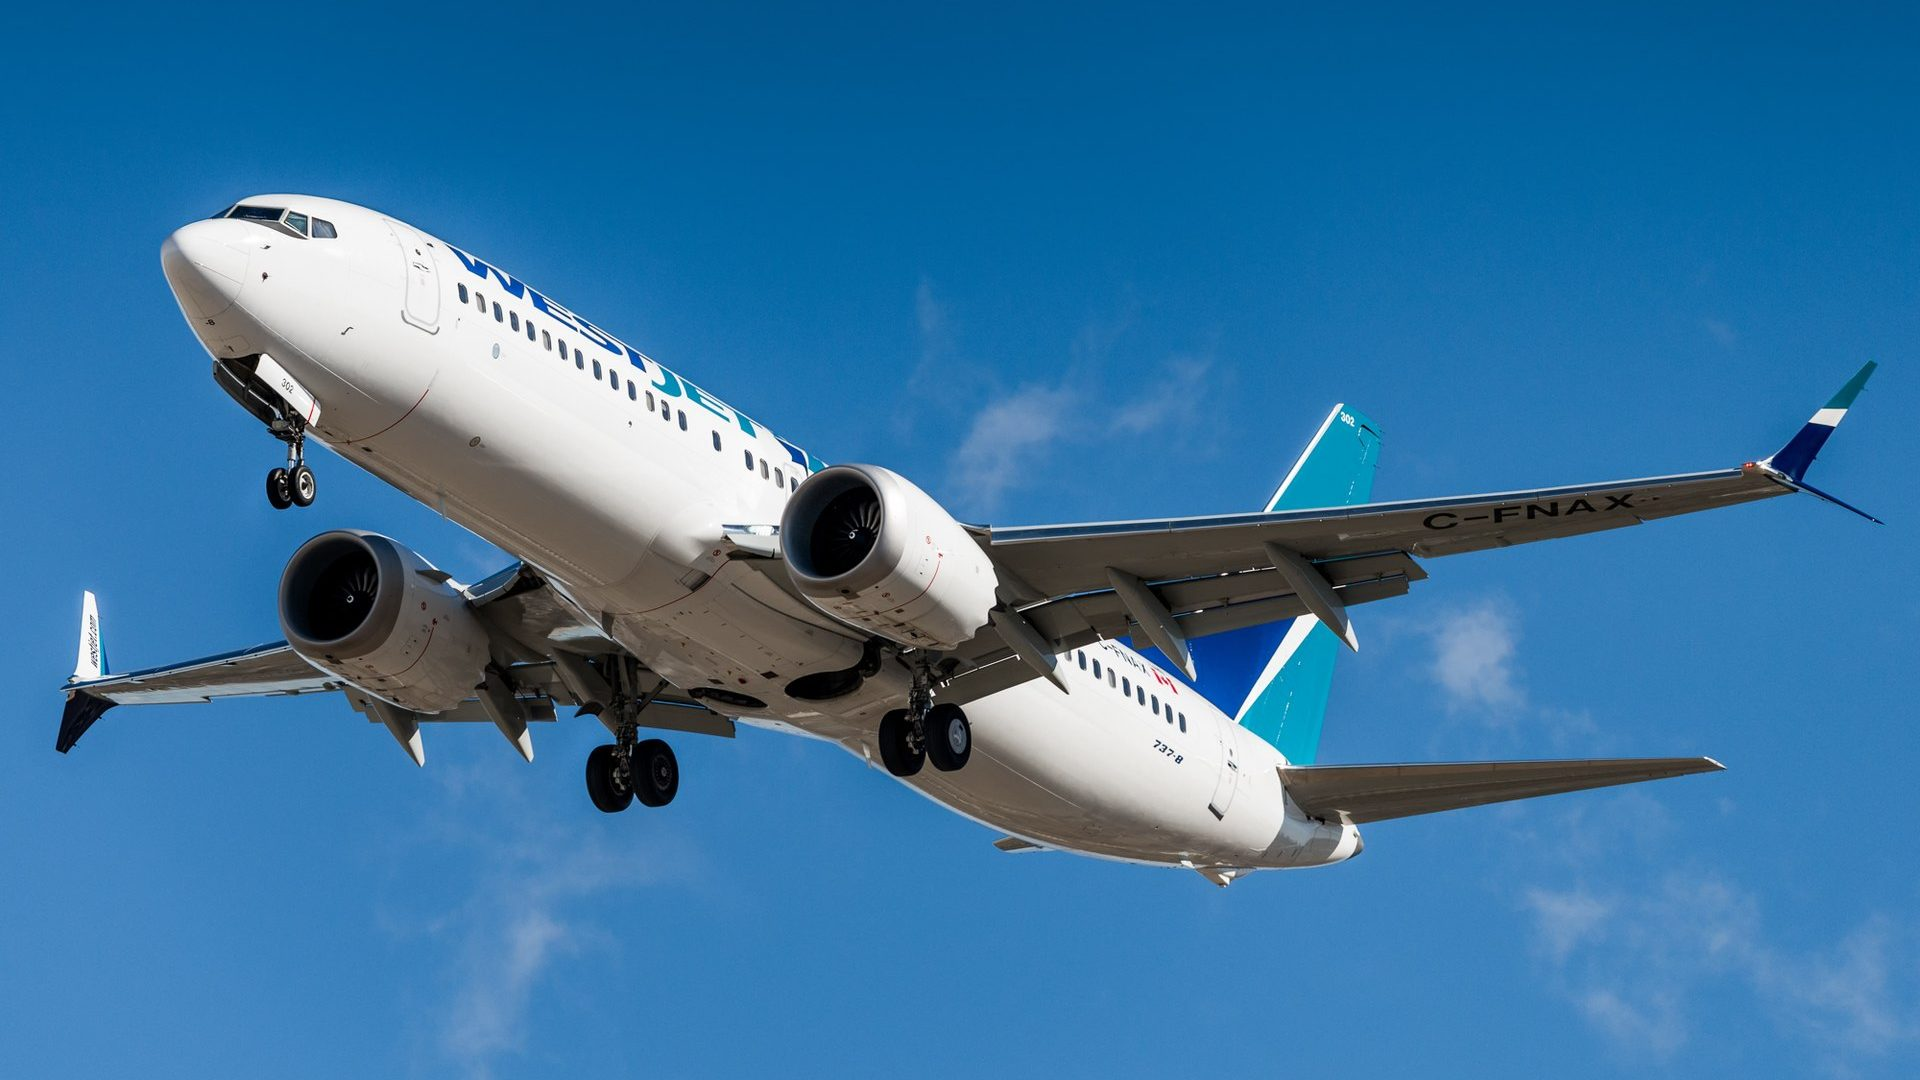 הראל ובנק DVB יממנו עסקה של רכישת מטוסים לחברת תעופה אירופית